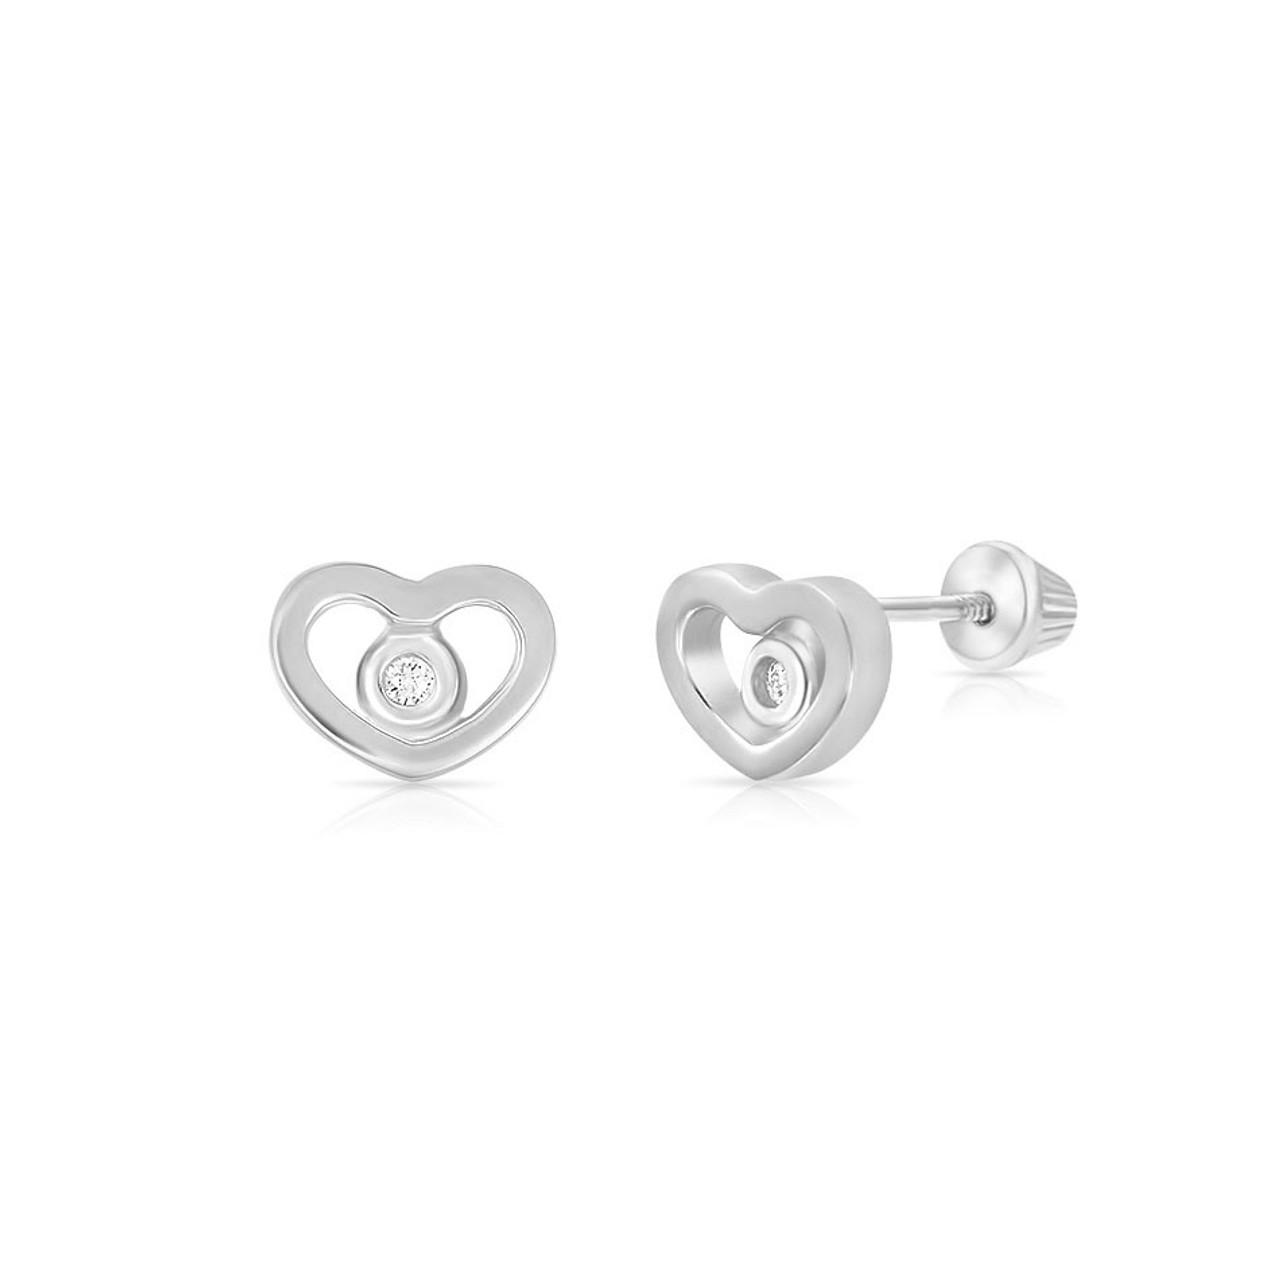 Forever Loved Diamond Heart Earrings Screw Back 14k White Gold The Jeweled Lullaby